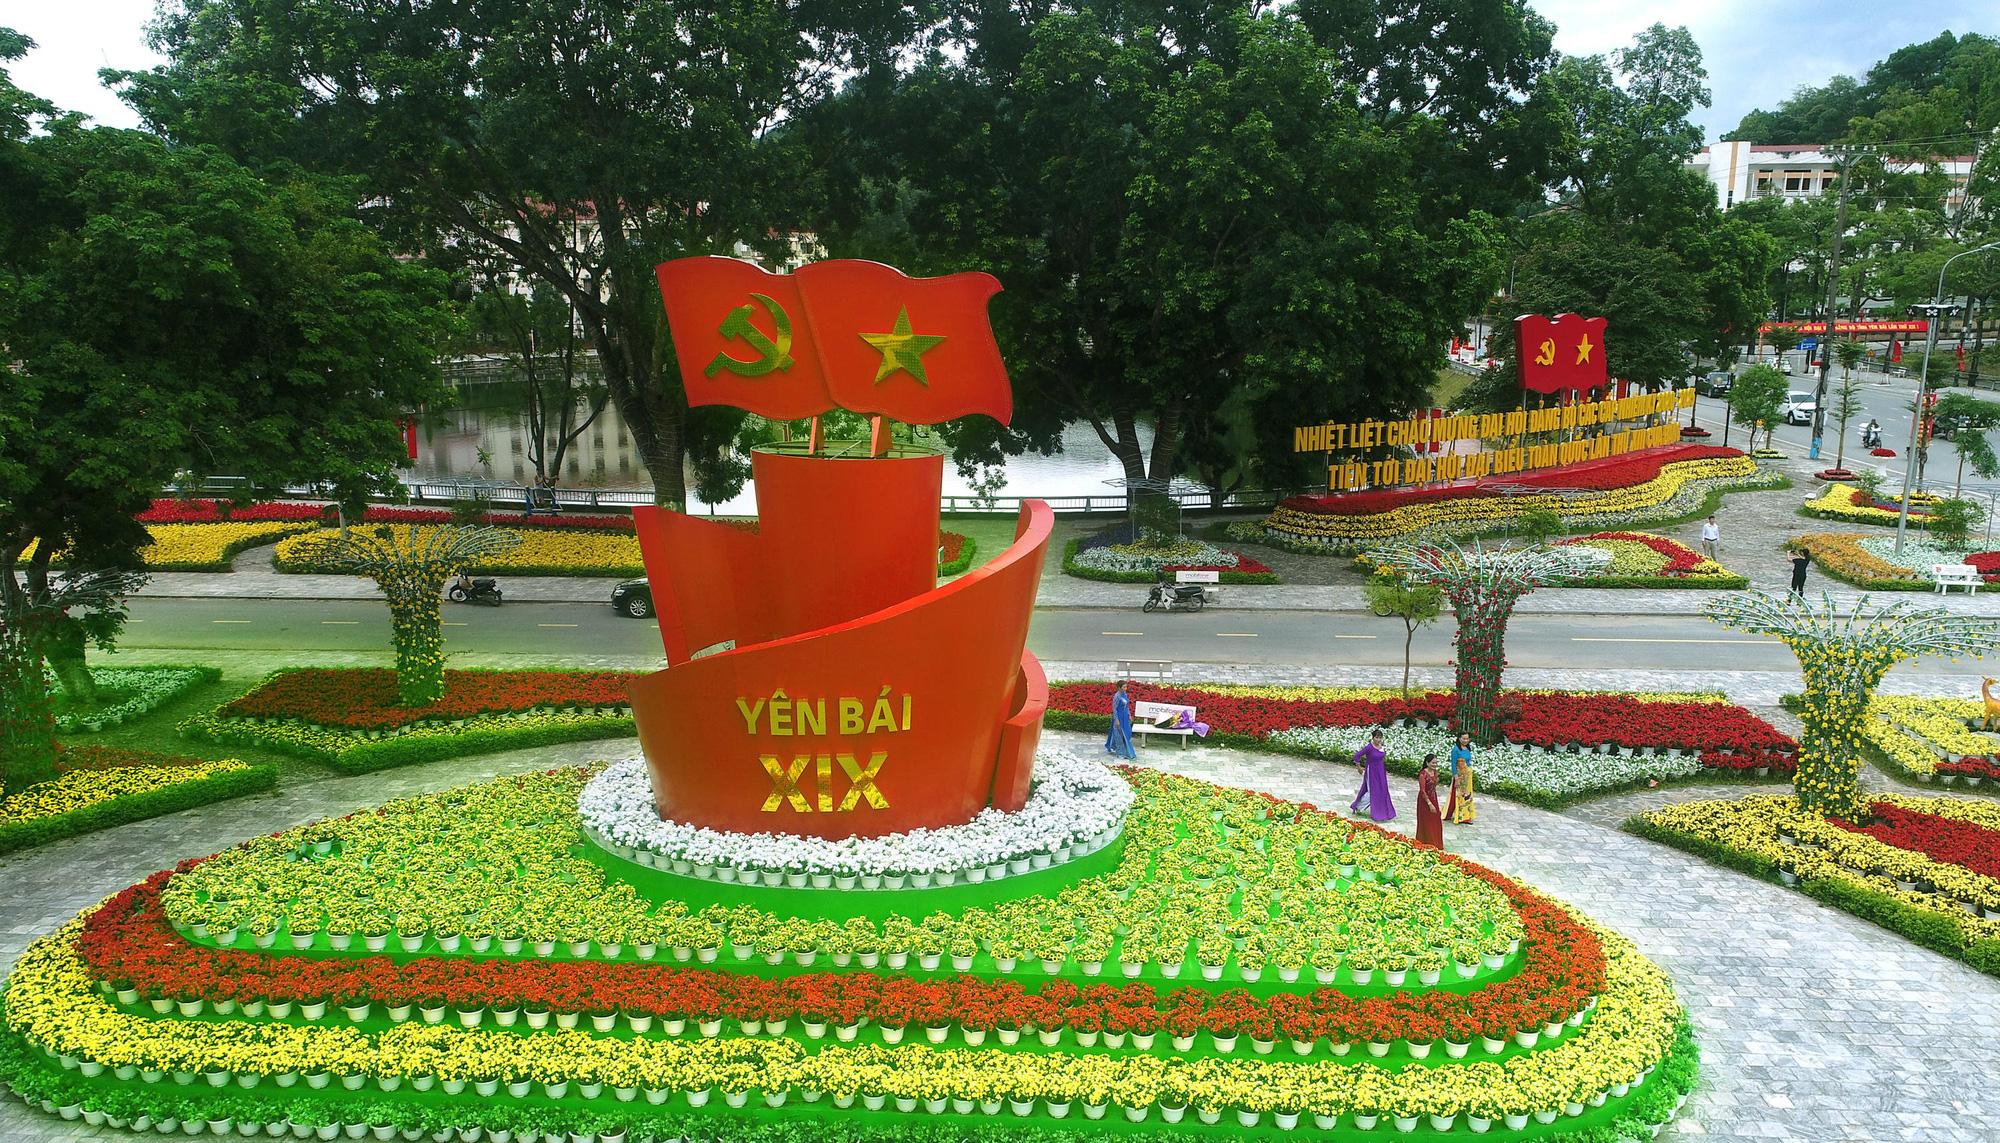 Yên Bái: Tỉnh đầu tiên đưa Chỉ số hạnh phúc vào Nghị quyết Đại hội Đảng - Ảnh 1.